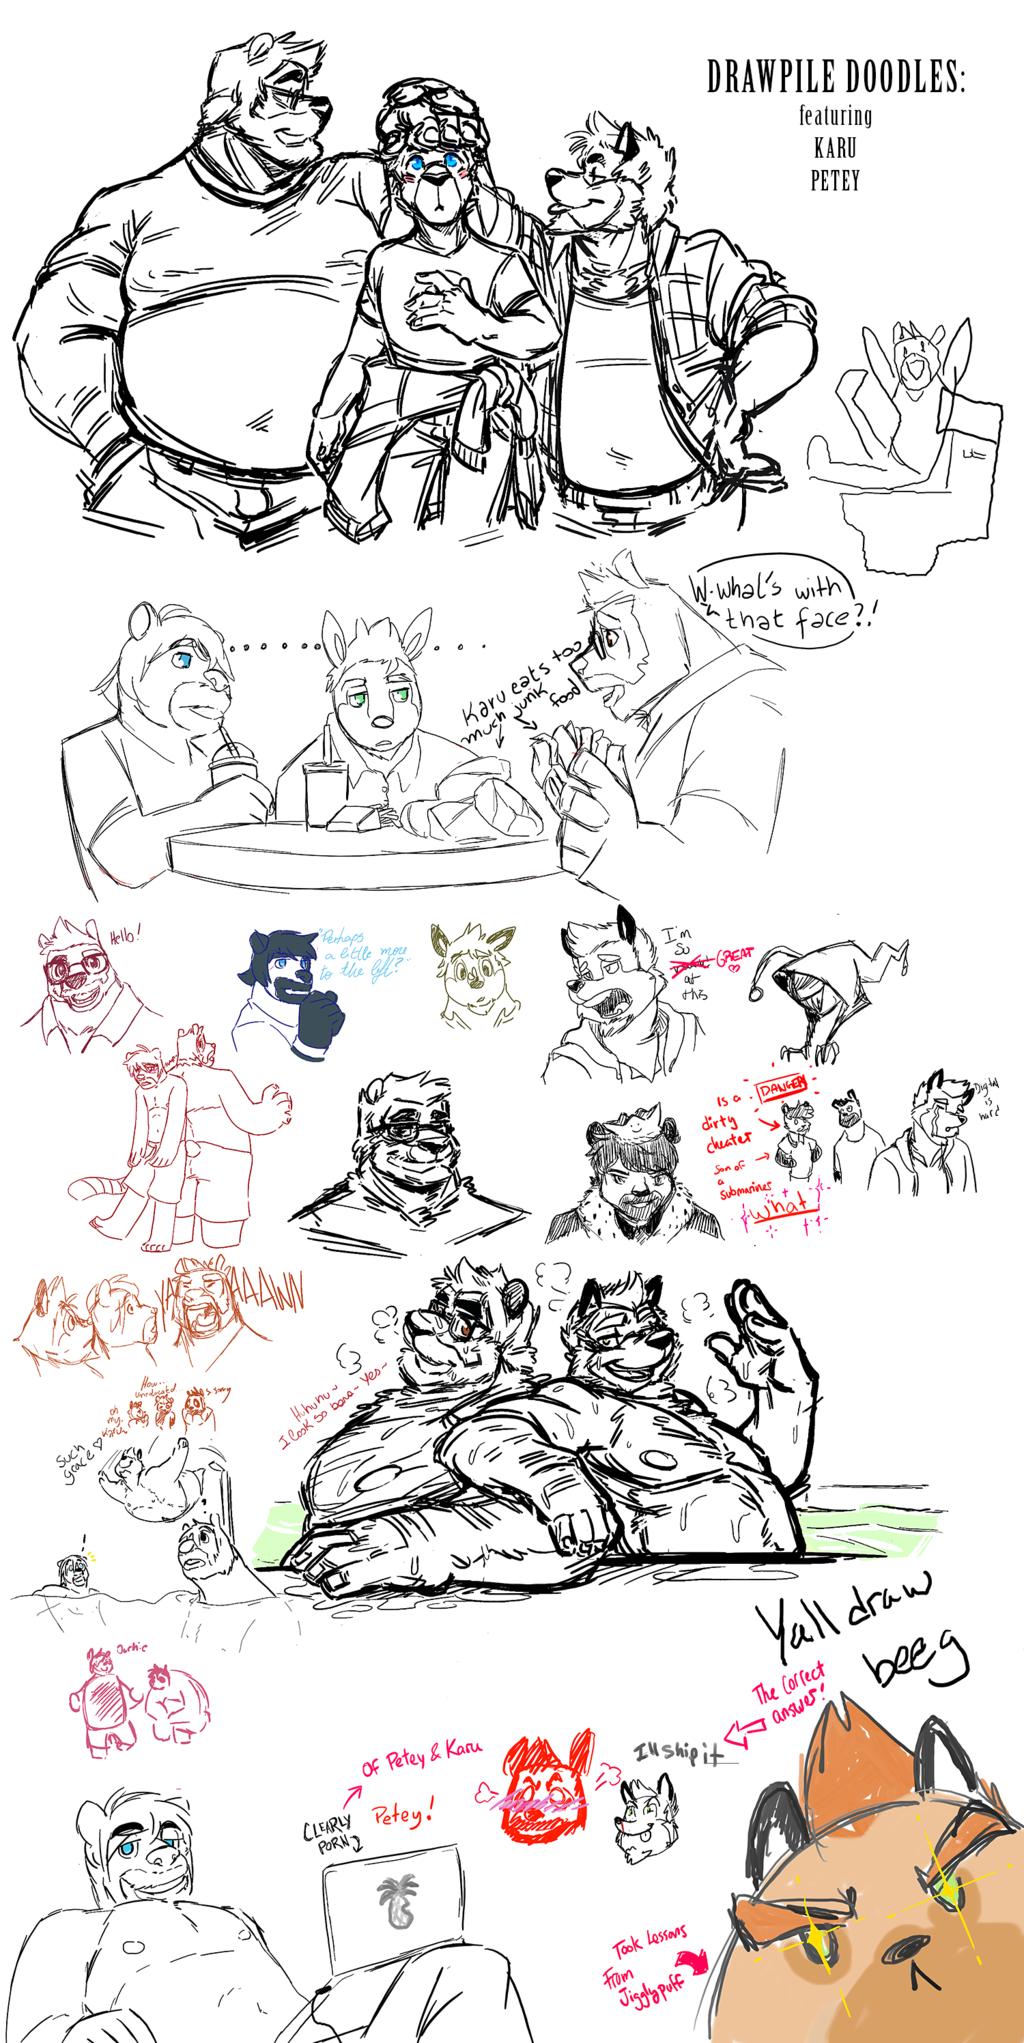 Super DrawPile Doodles: Trio Attack